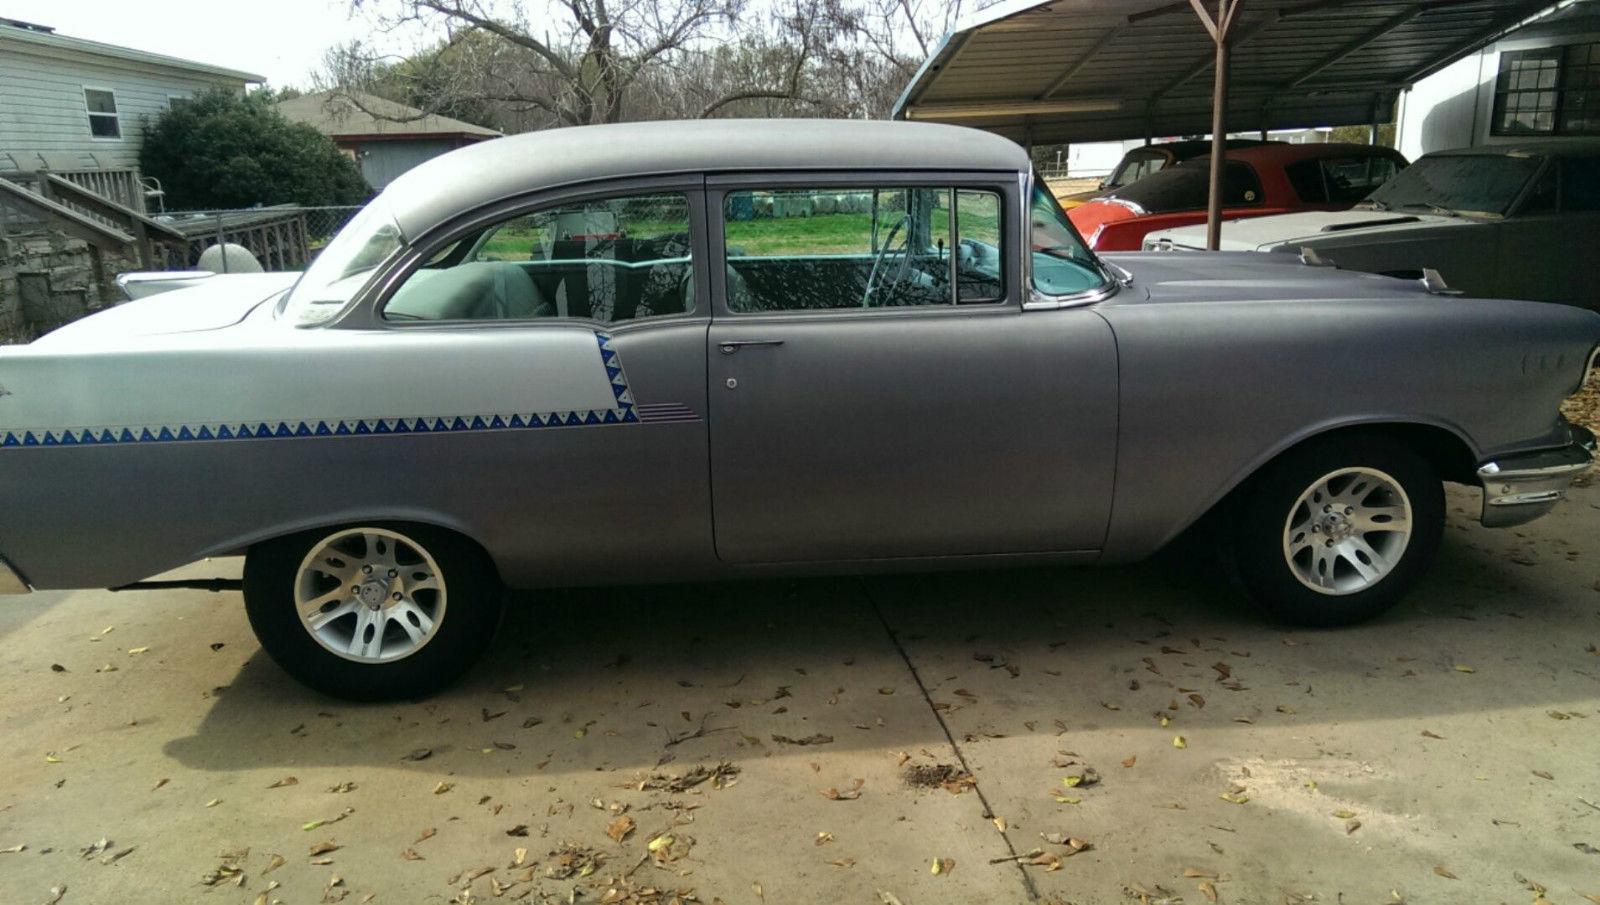 1957 chevy two door sedan for sale in mabank texas for 1957 chevy 2 door